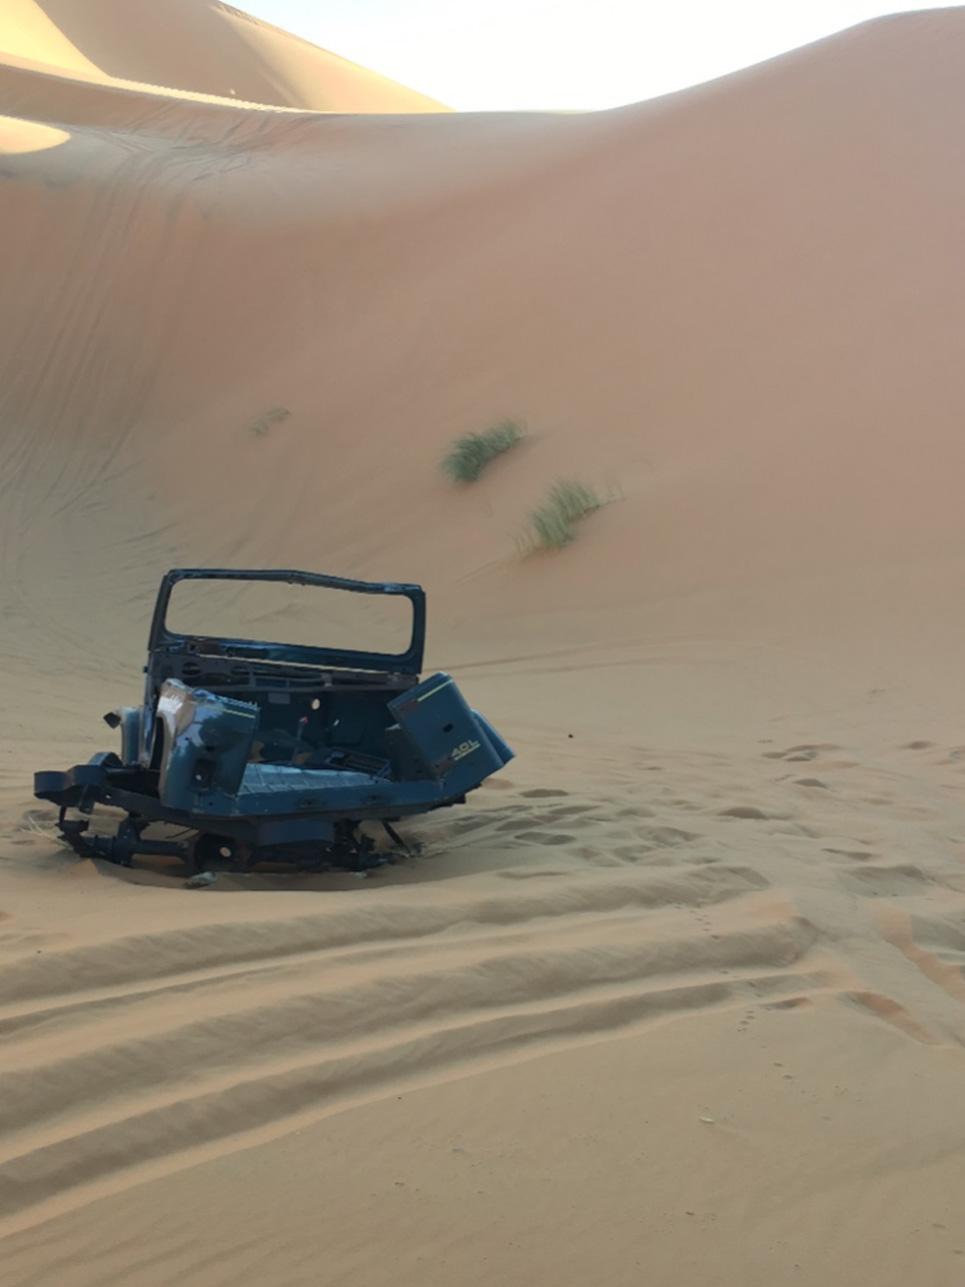 Begegnung des Tages: Mitten in der Wüste begegnete uns dieses Autowrack. Unser Guide erzählte uns, dass vor über 10 Jahren Touristen mit dem Jeep stecken bzw. liegen geblieben sind und dann einfach das Gefährt an Ort und Stelle zurück ließen.